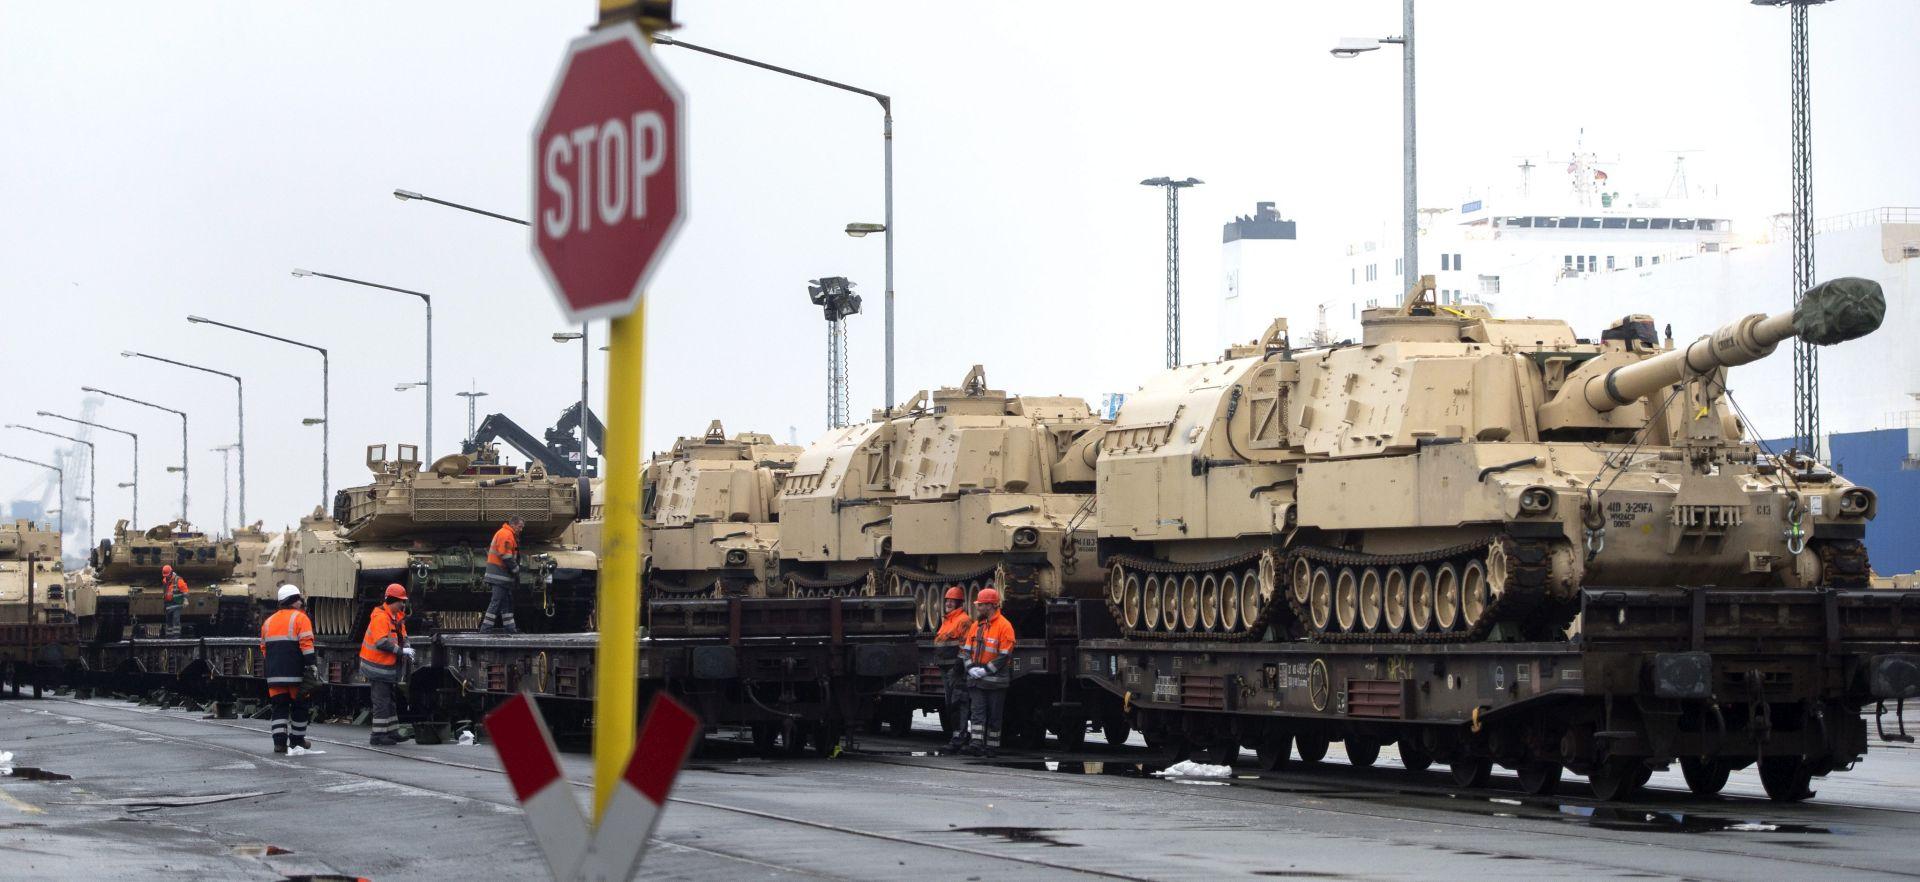 Američka vojska obećala kompleksnije vježbe u Europi kao odgovor na rusku agresiju